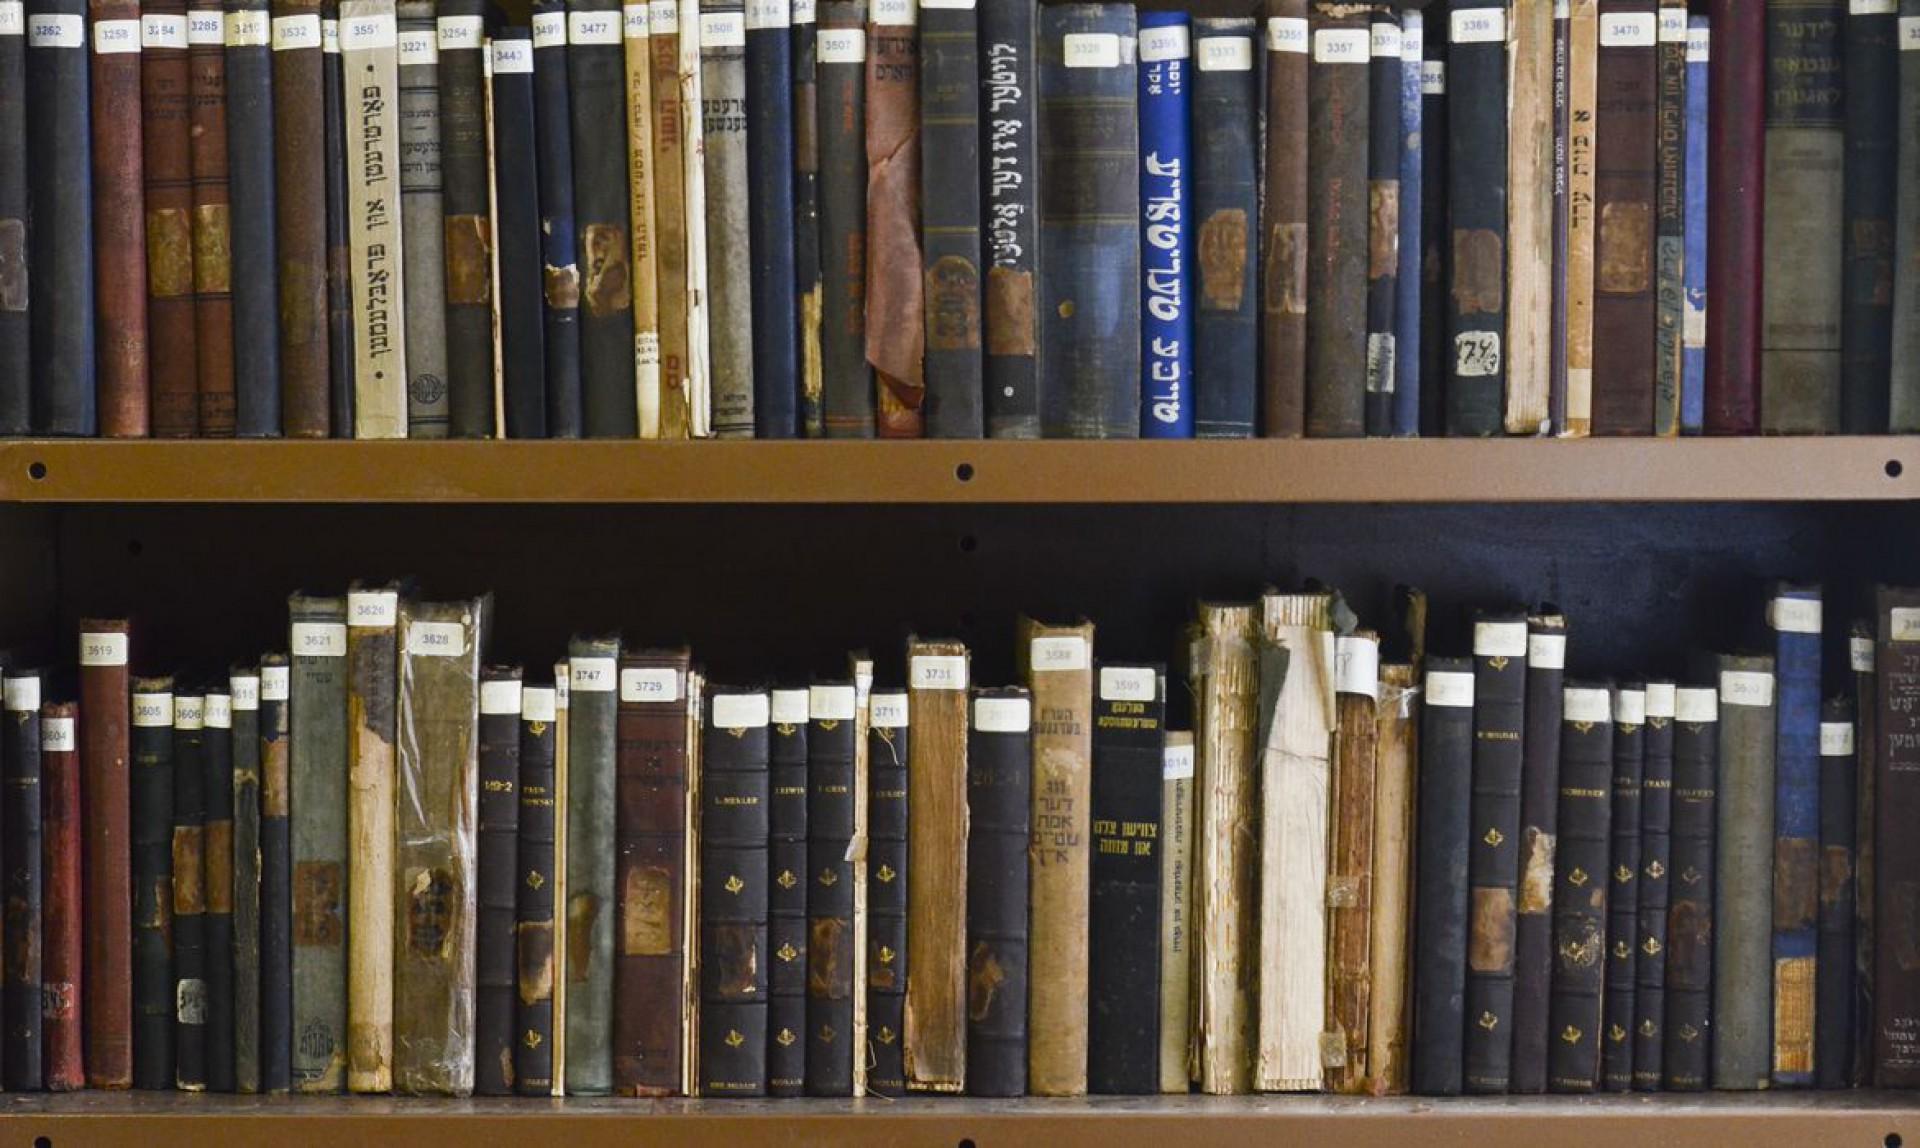 A Lei de Direitos Autorais no Brasil diz que uma obra ganha essa condição 70 anos após a morte do autor.